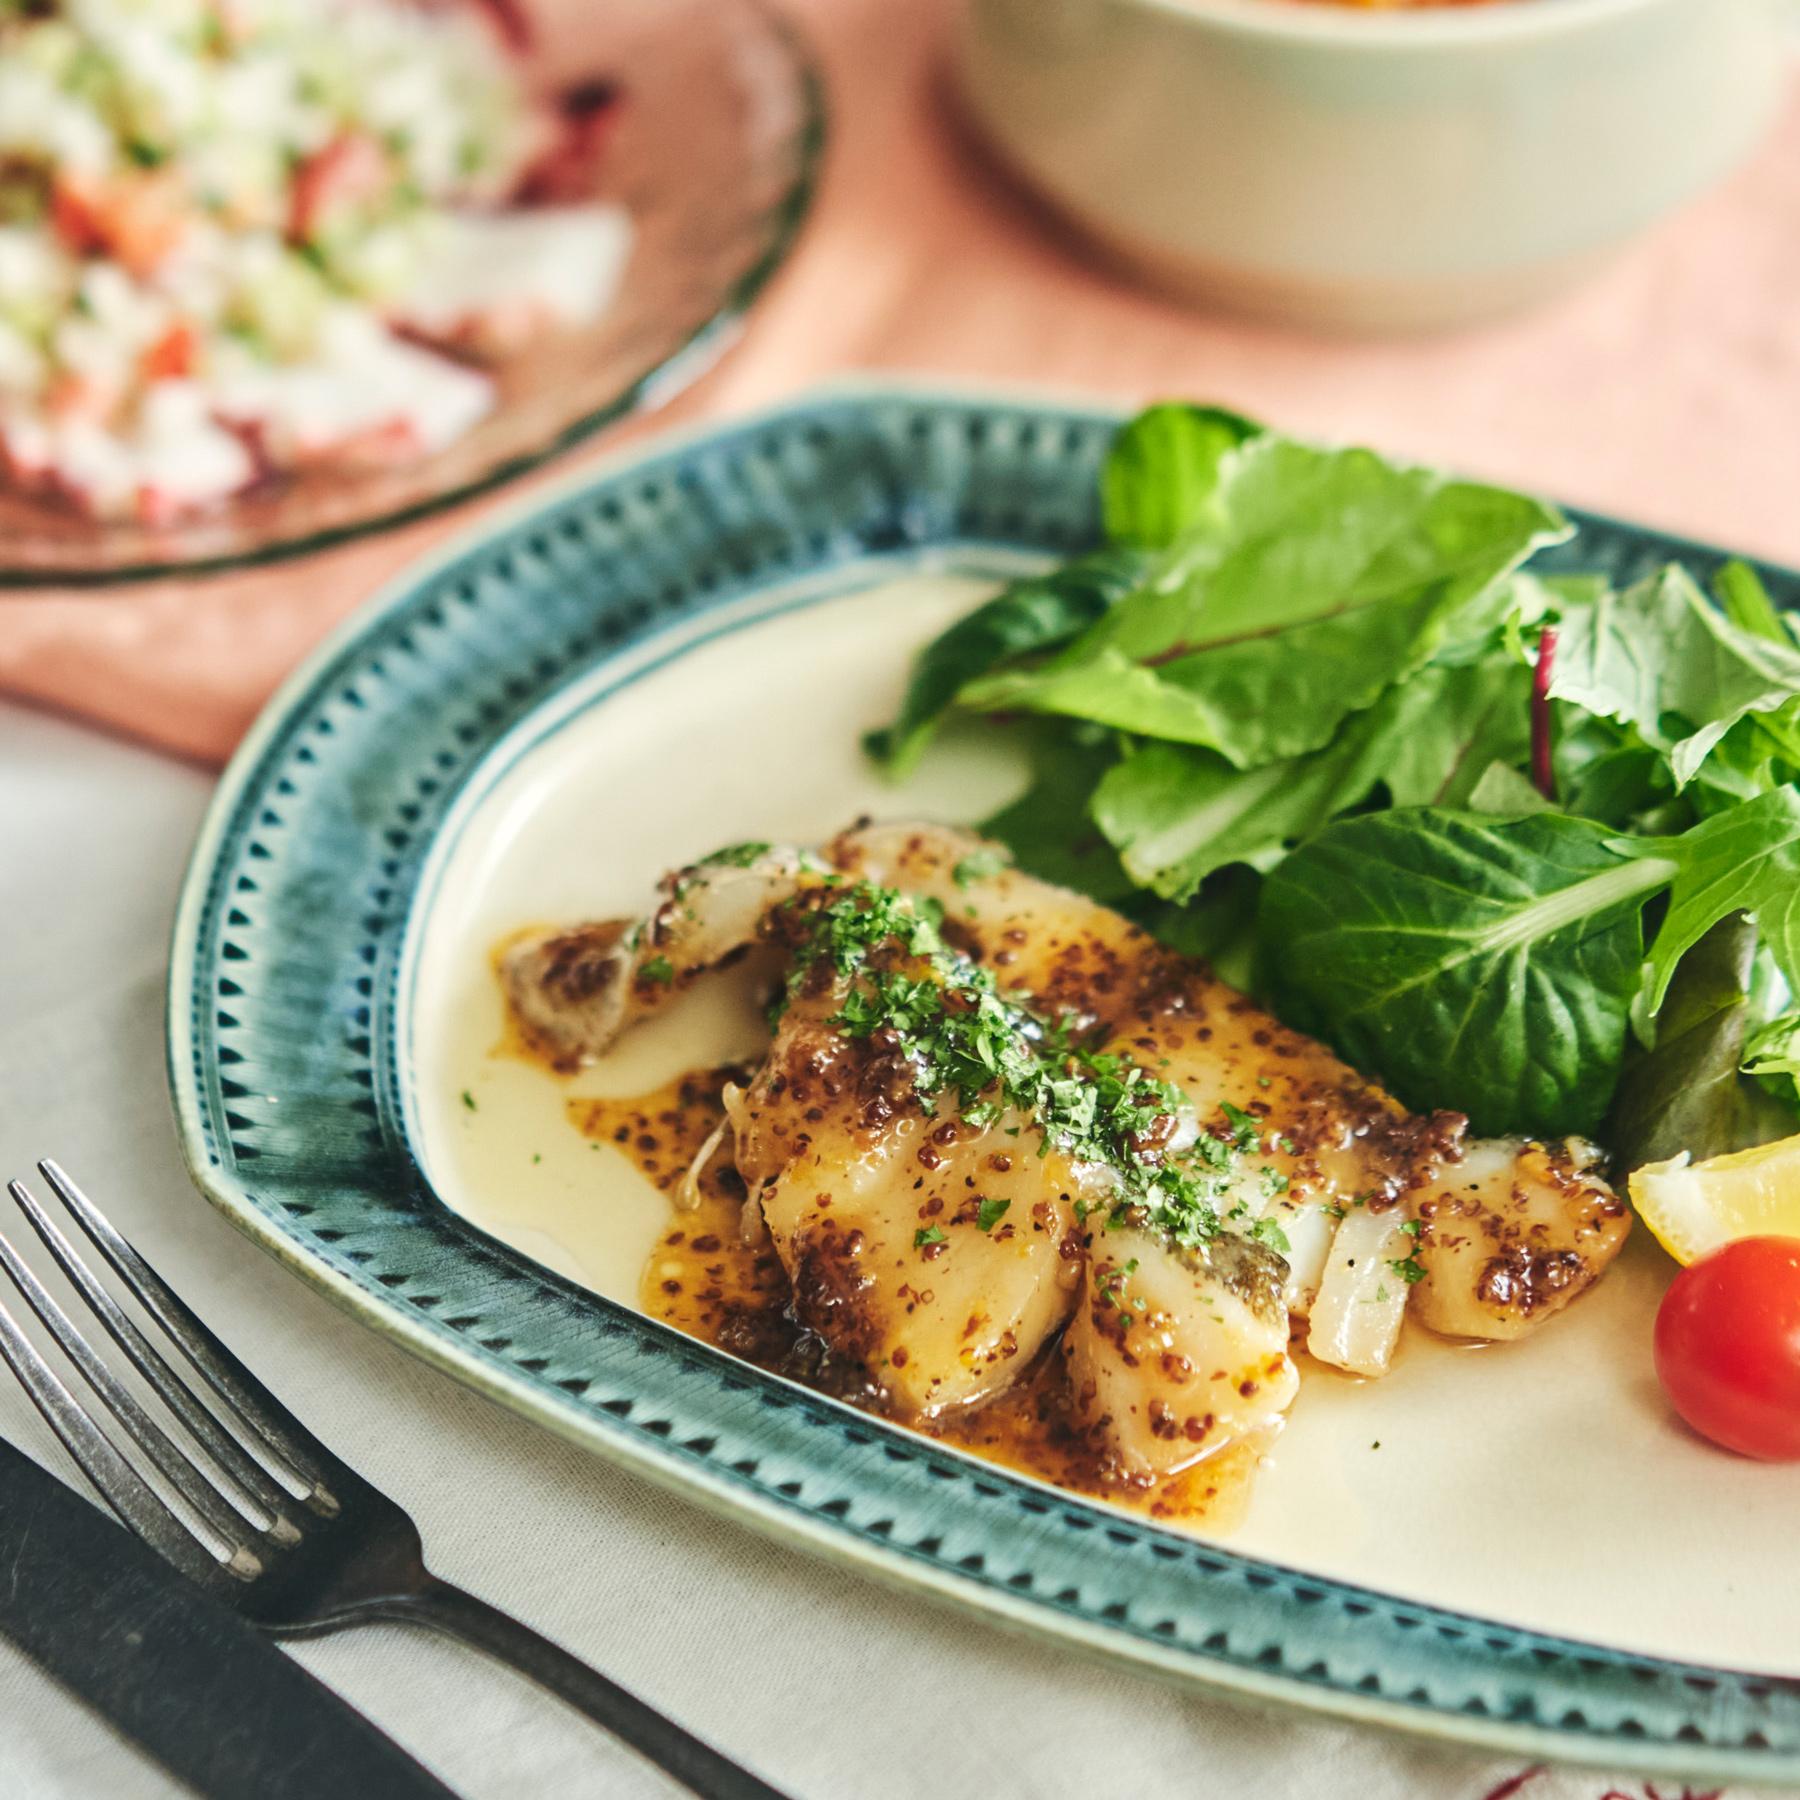 メープルシロップで作る洋風ソース♪白身魚のソテー